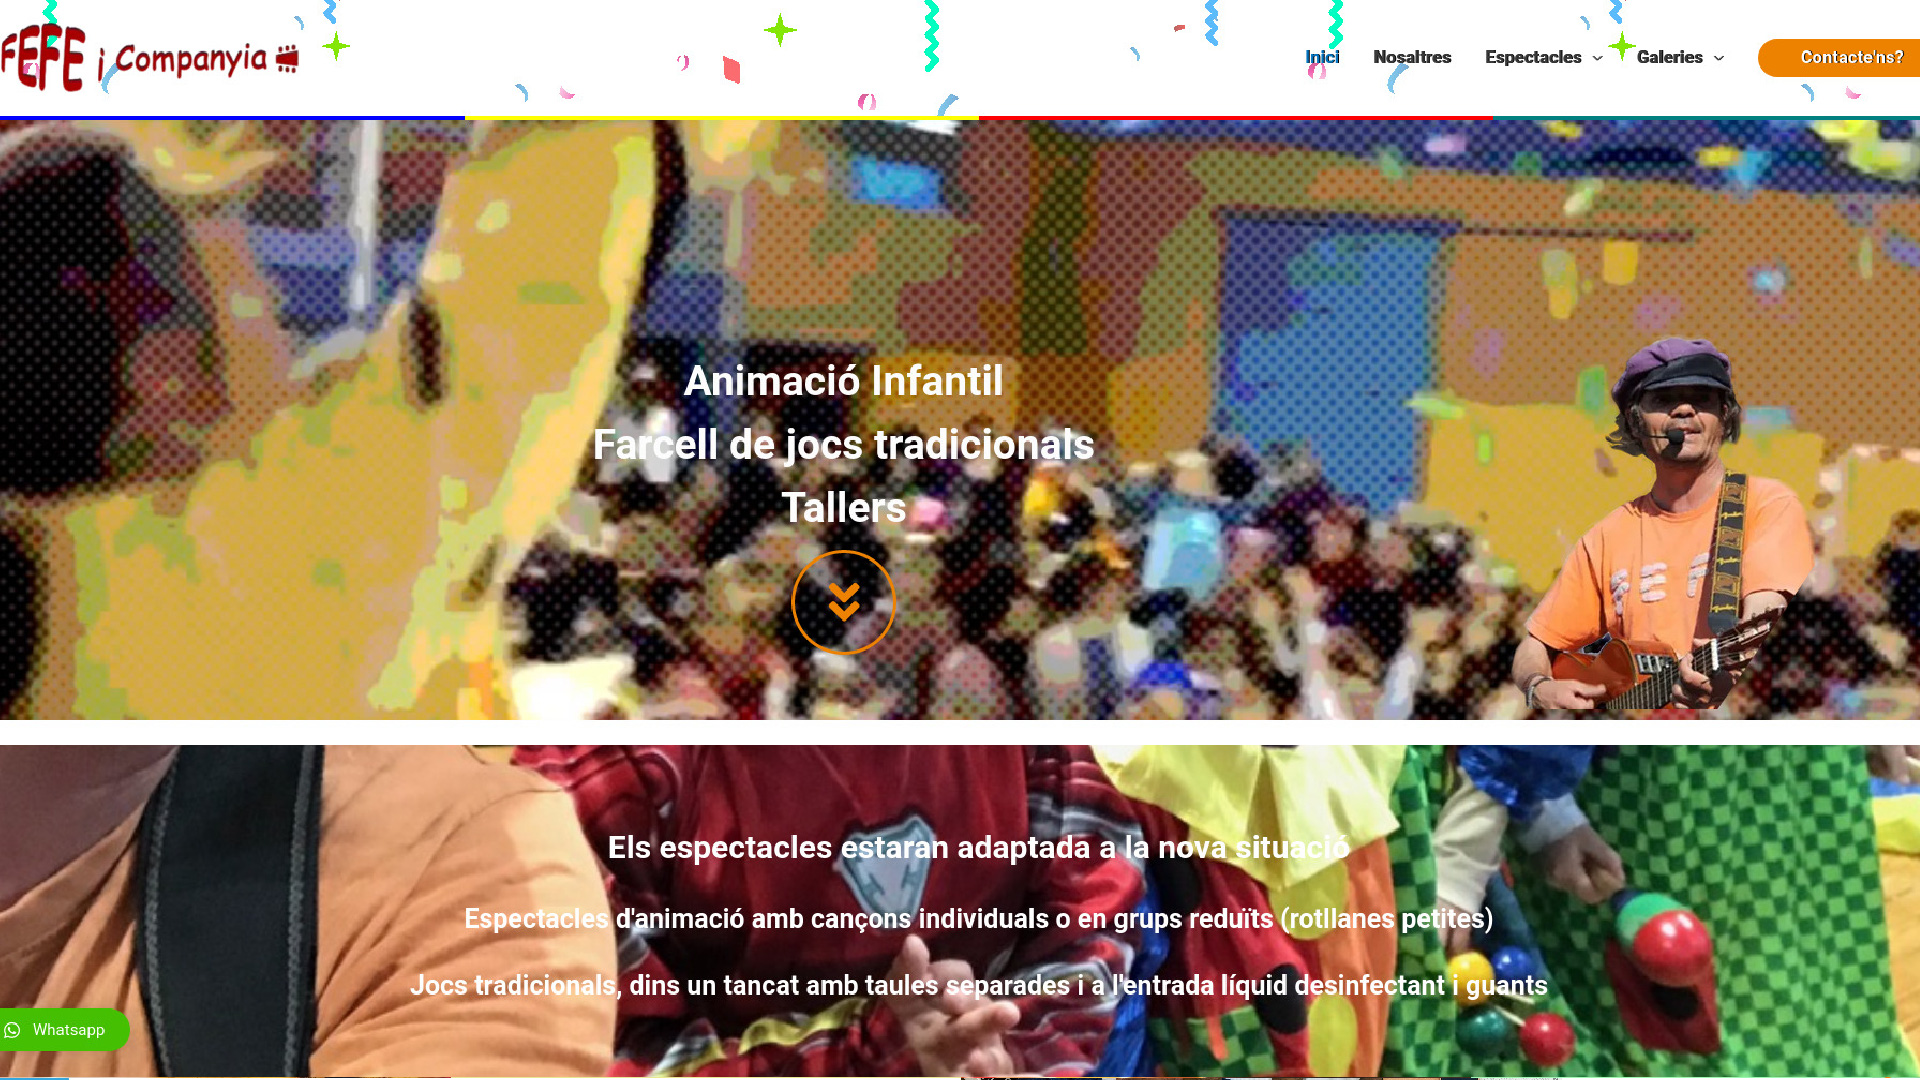 webFefeicompanyia-portada-llindiseny